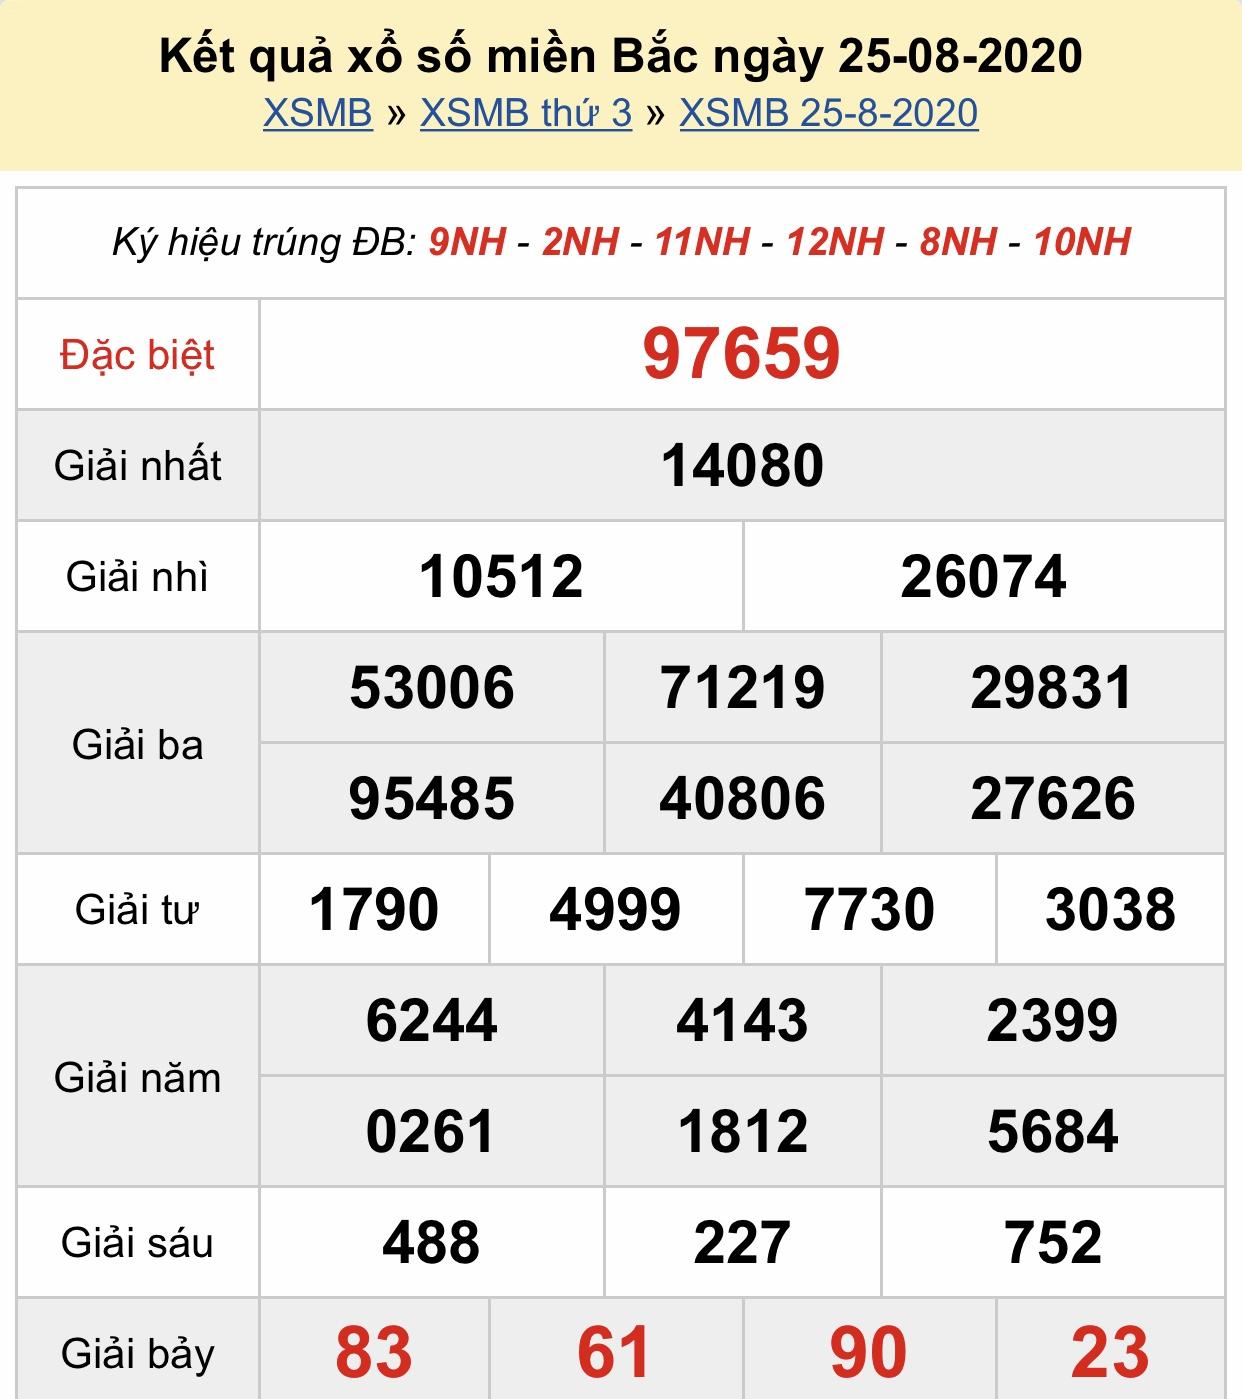 Xsmb 25 8 Kết Quả Xổ Số Miền Bắc Hom Nay Thứ 3 Ngay 25 8 2020